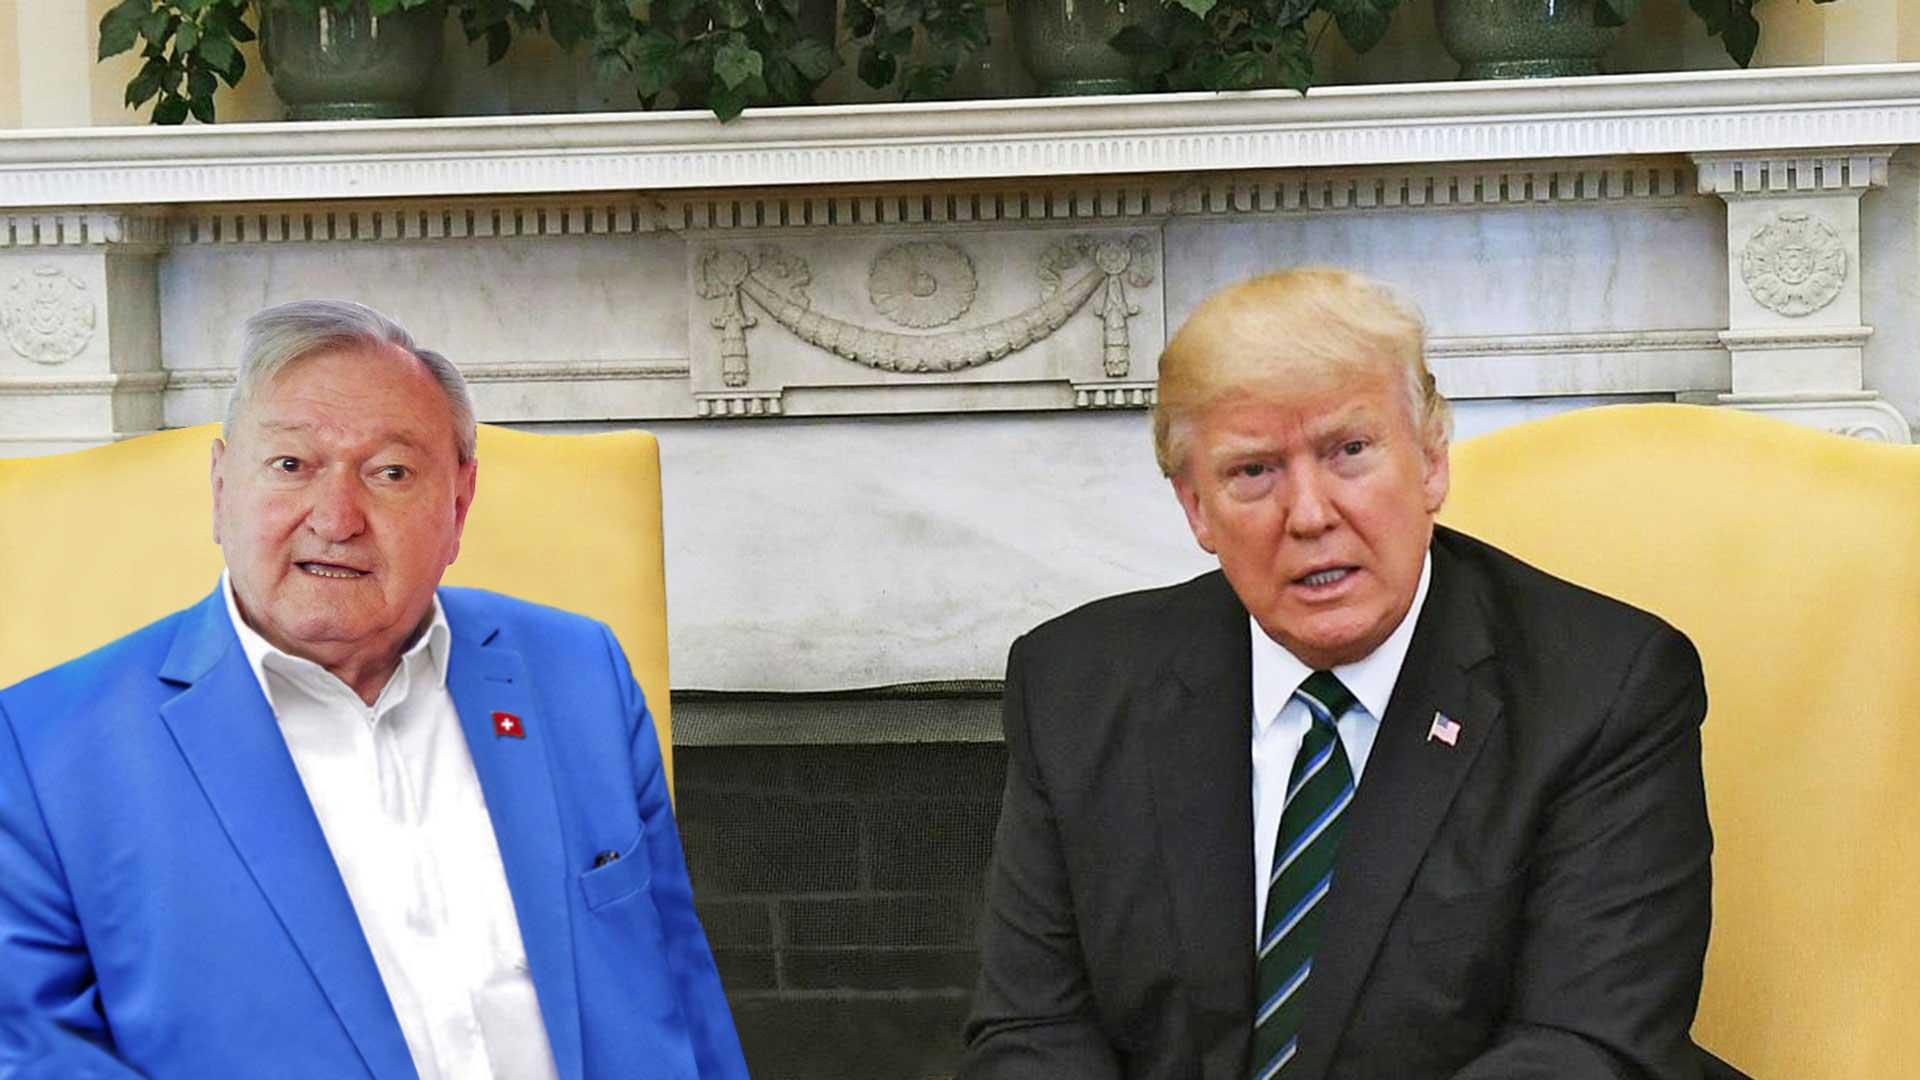 Erich von Däniken und Donald Trump im Weißen Haus.